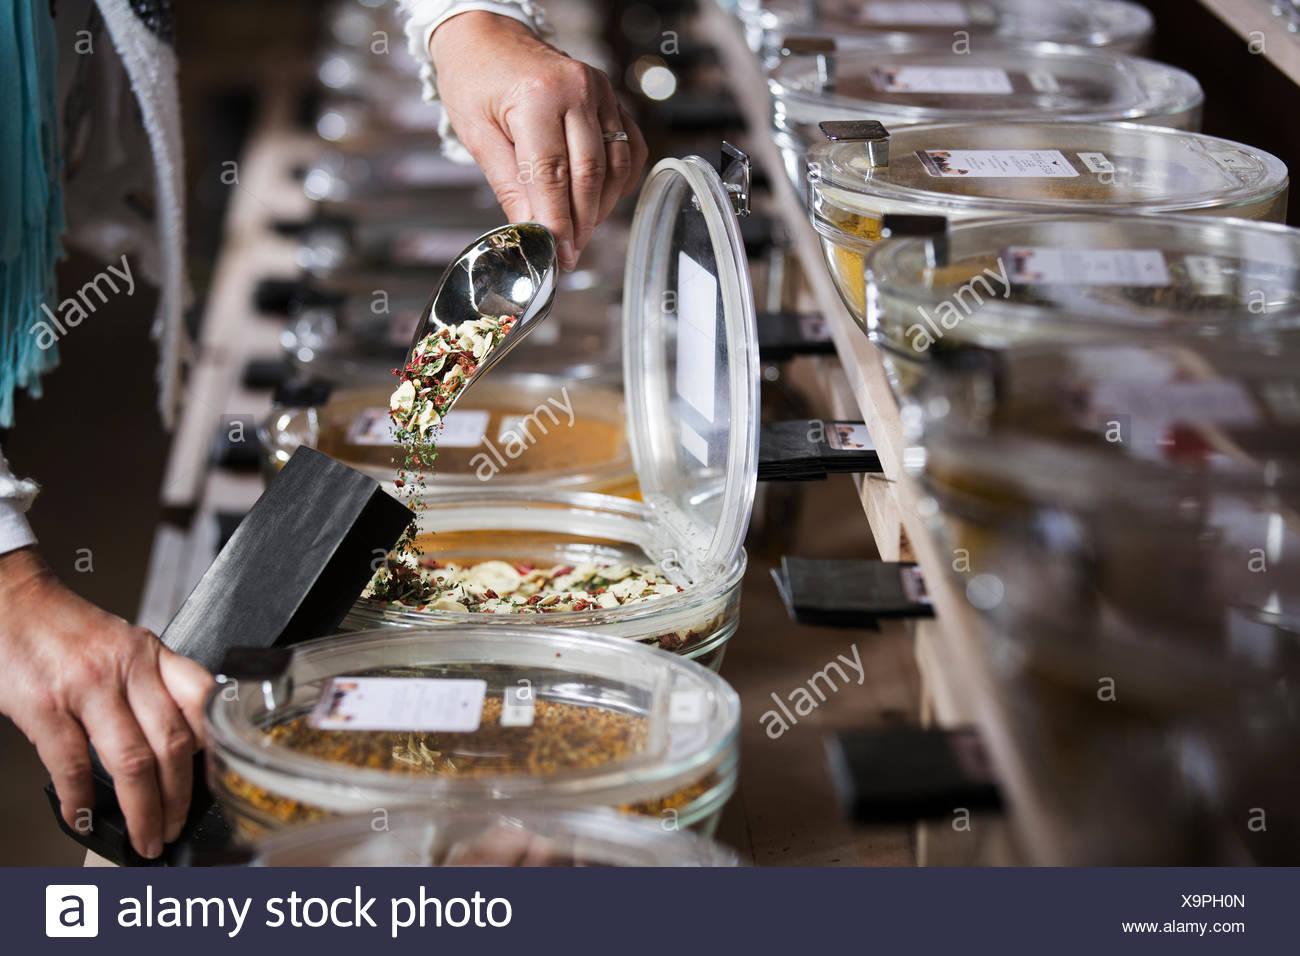 Le mélange est versé dans un sac de papier séché, l'ail, le persil, le paprika, le piment, le basilic et l'origan Photo Stock